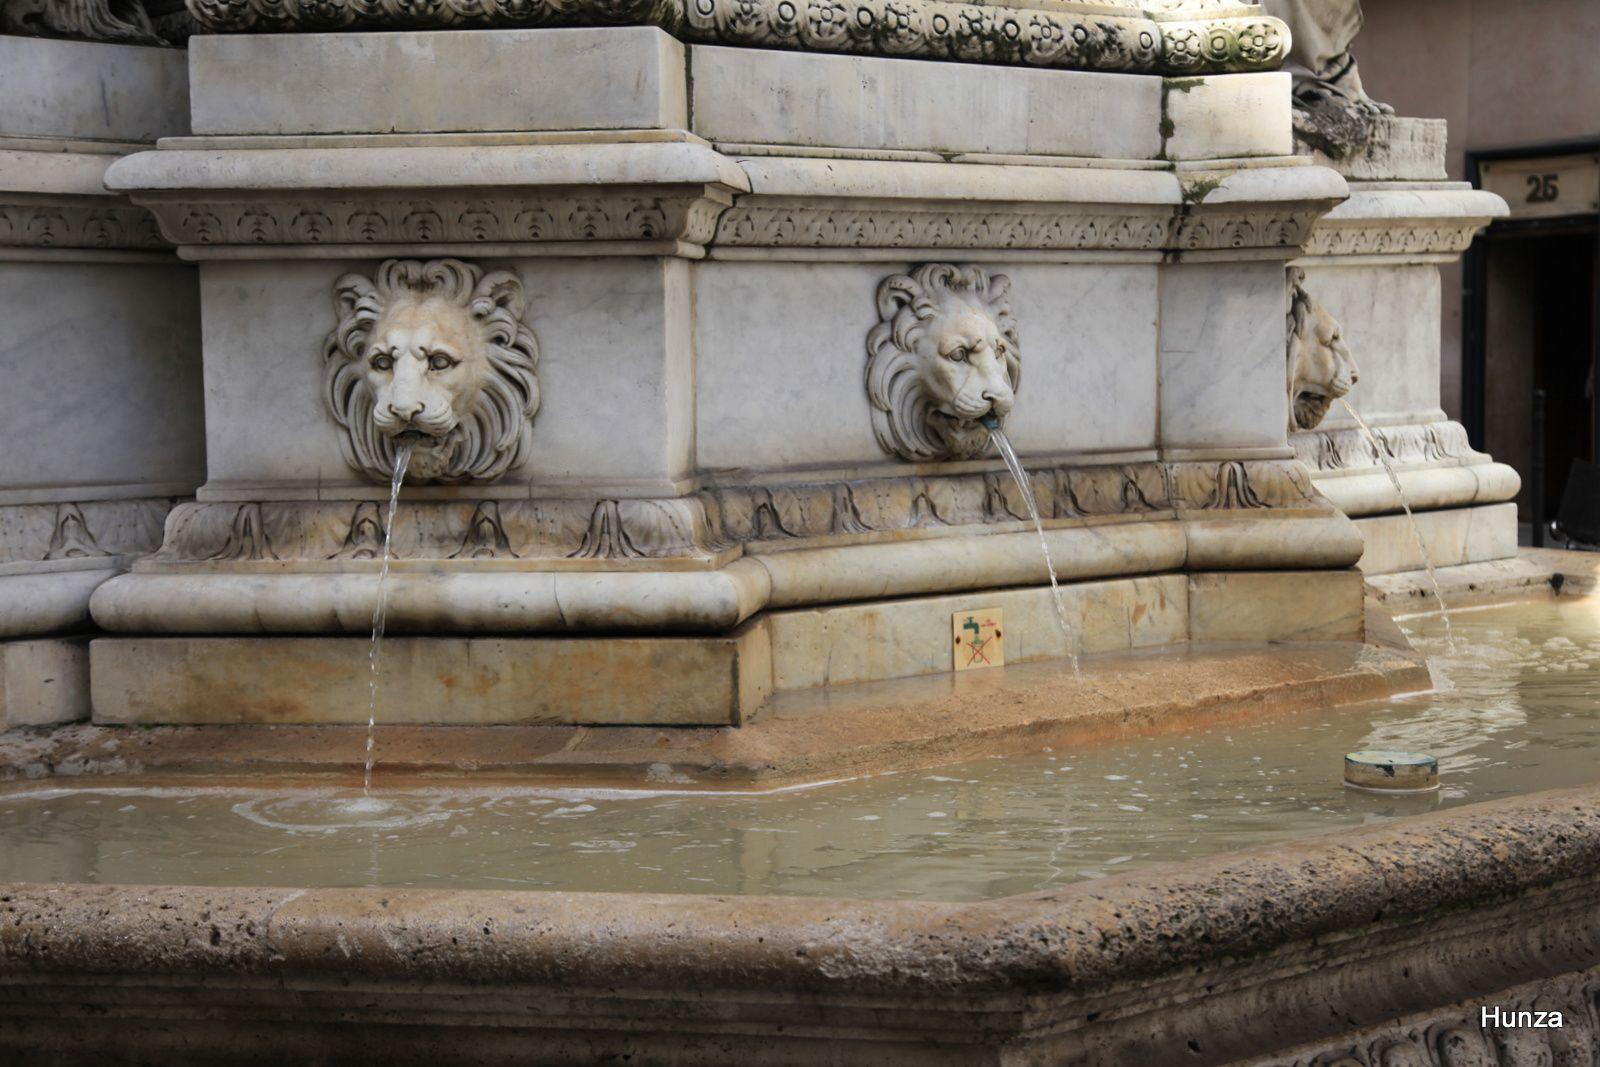 Trois mascarons à tête de lion crachent l'eau dans une vasque